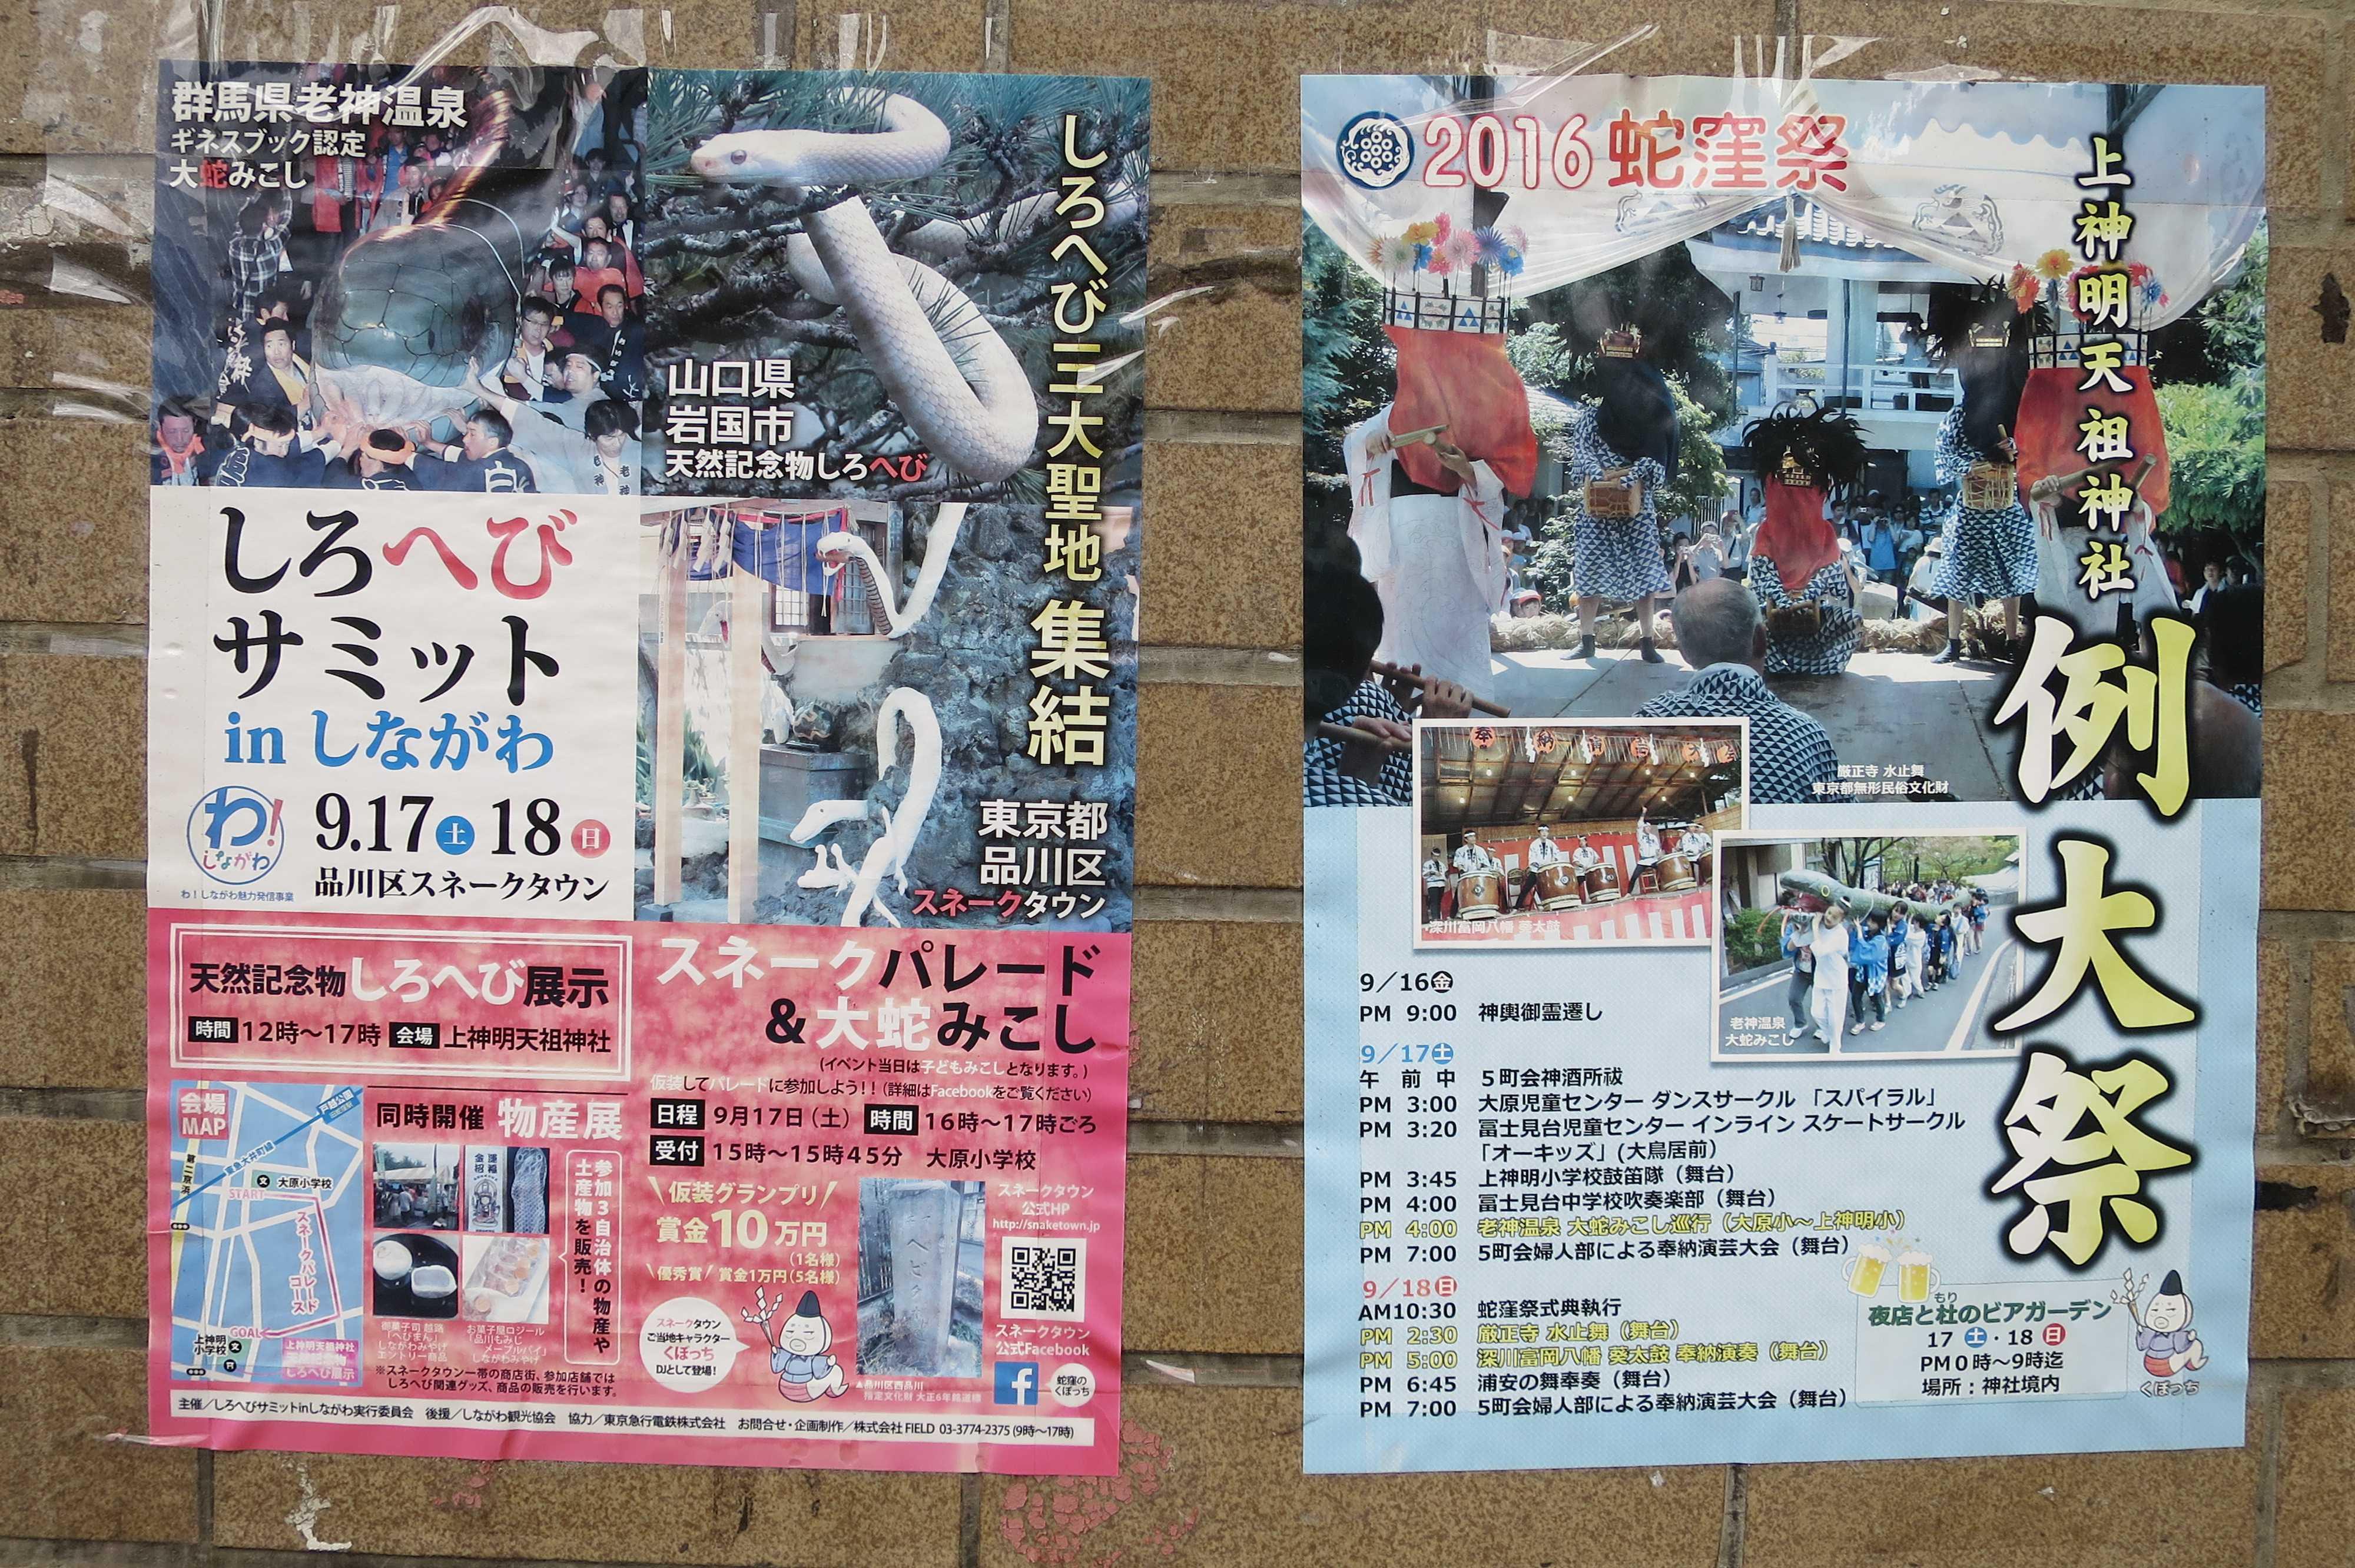 2016蛇窪祭のポスター